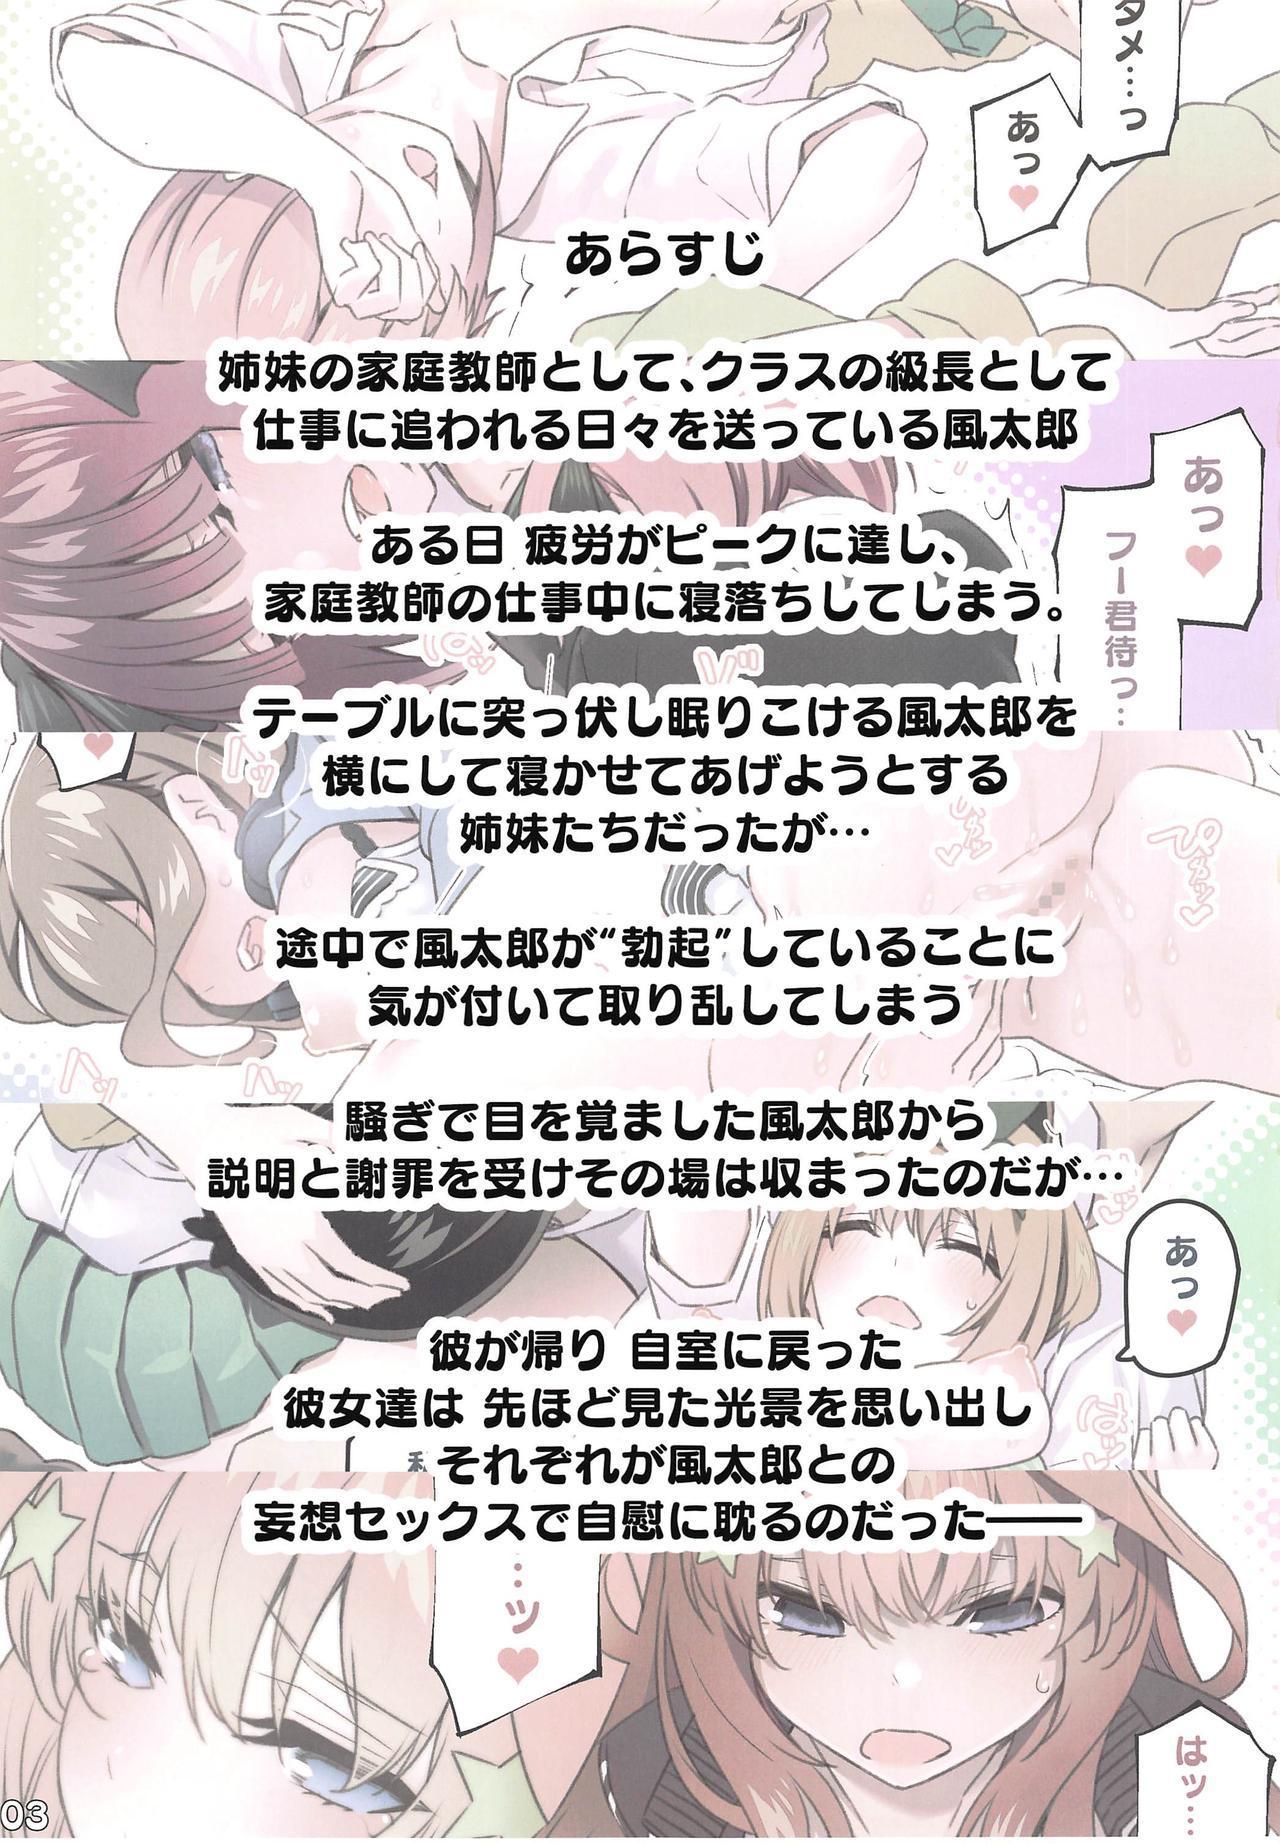 Gotoubun no...... 1